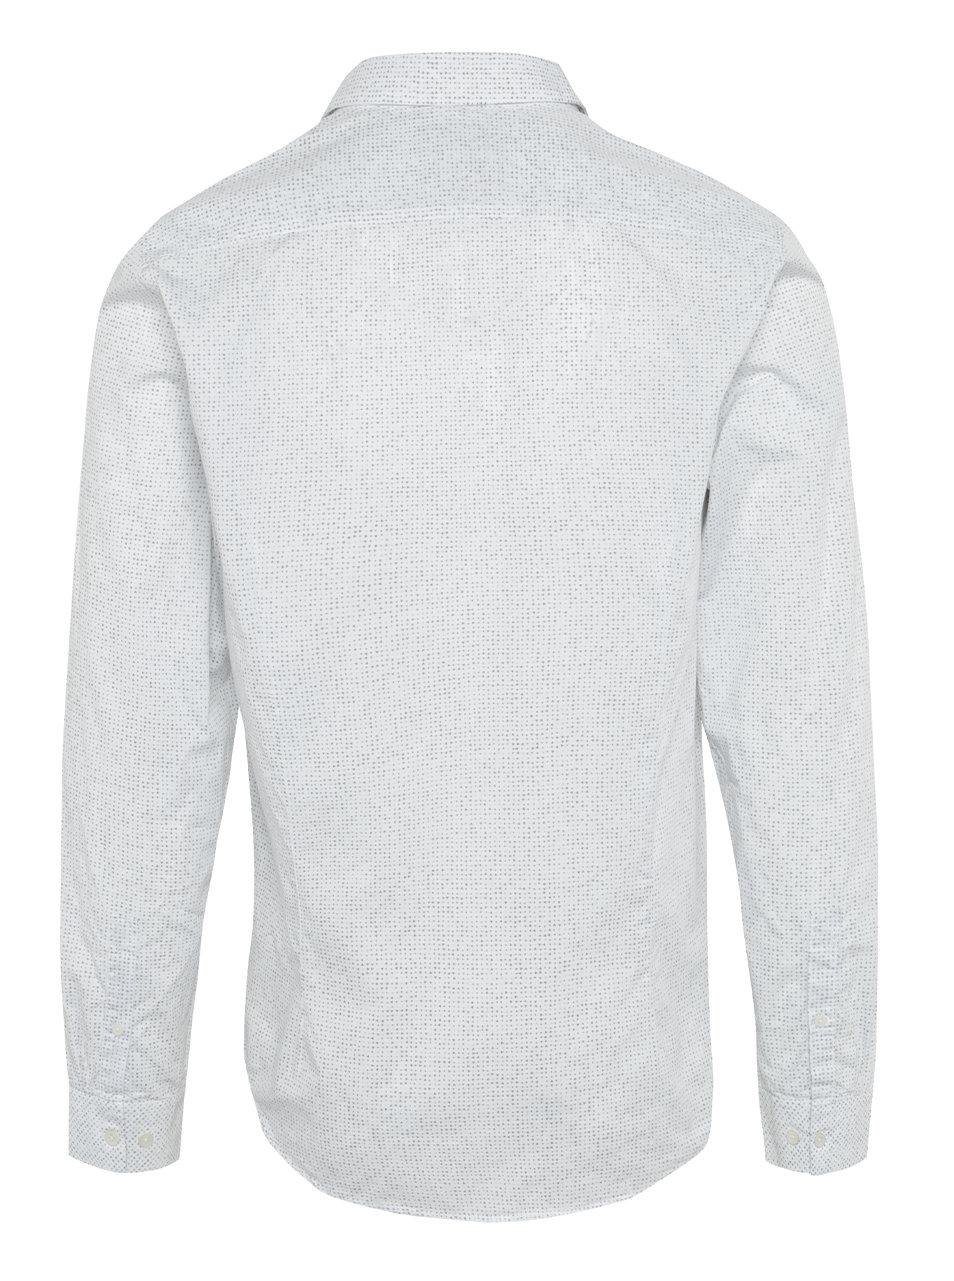 9f9c9502f7e0 Biela pánska vzorovaná košeľa s vreckom Garcia Jeans ...